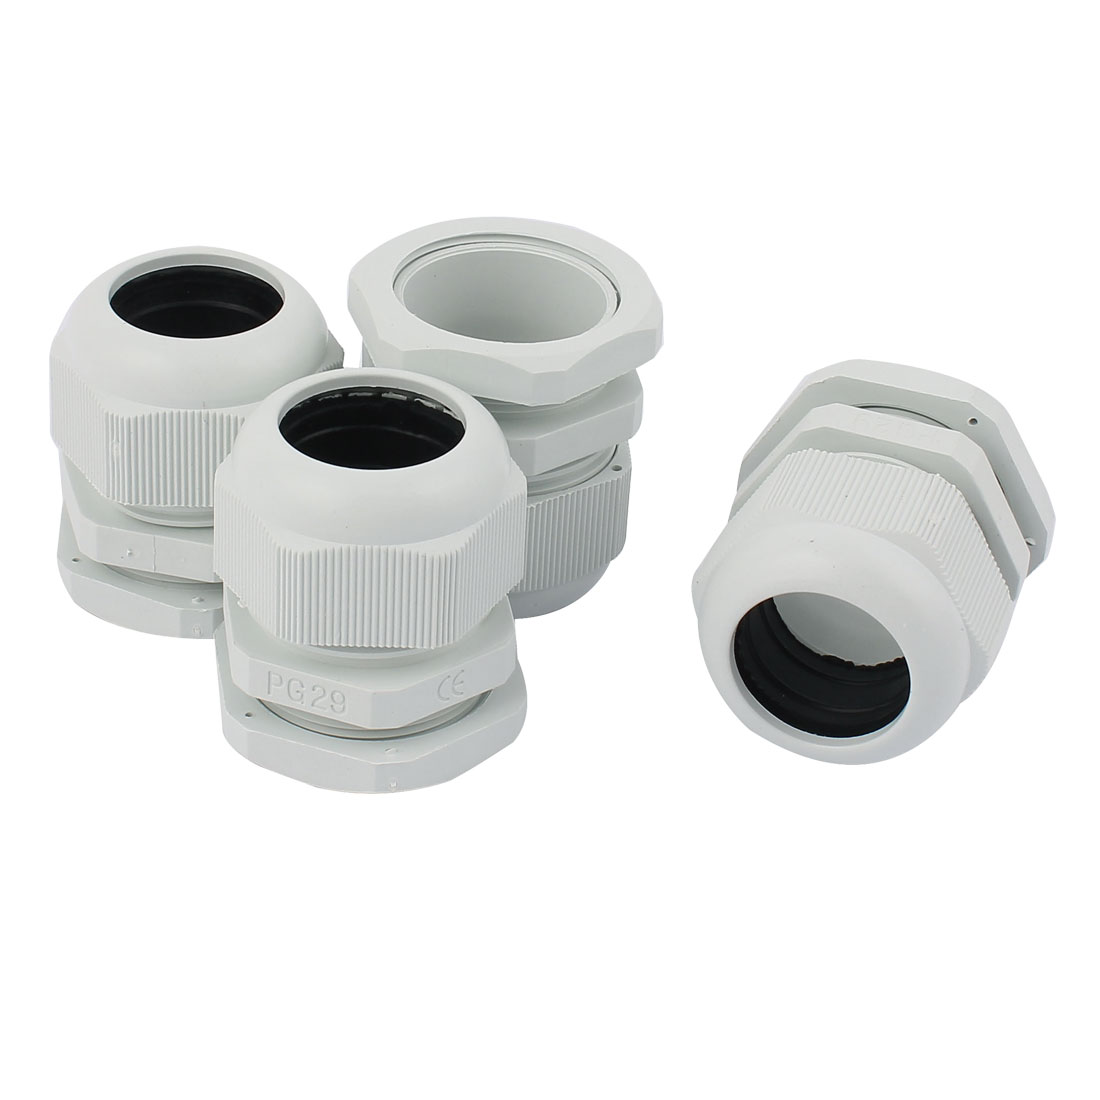 4-Pcs-Plastique-PG29-18-25mm-Dia-Fil-Corde-Poignee-Tuyau-Connecteur-Cable-Glande